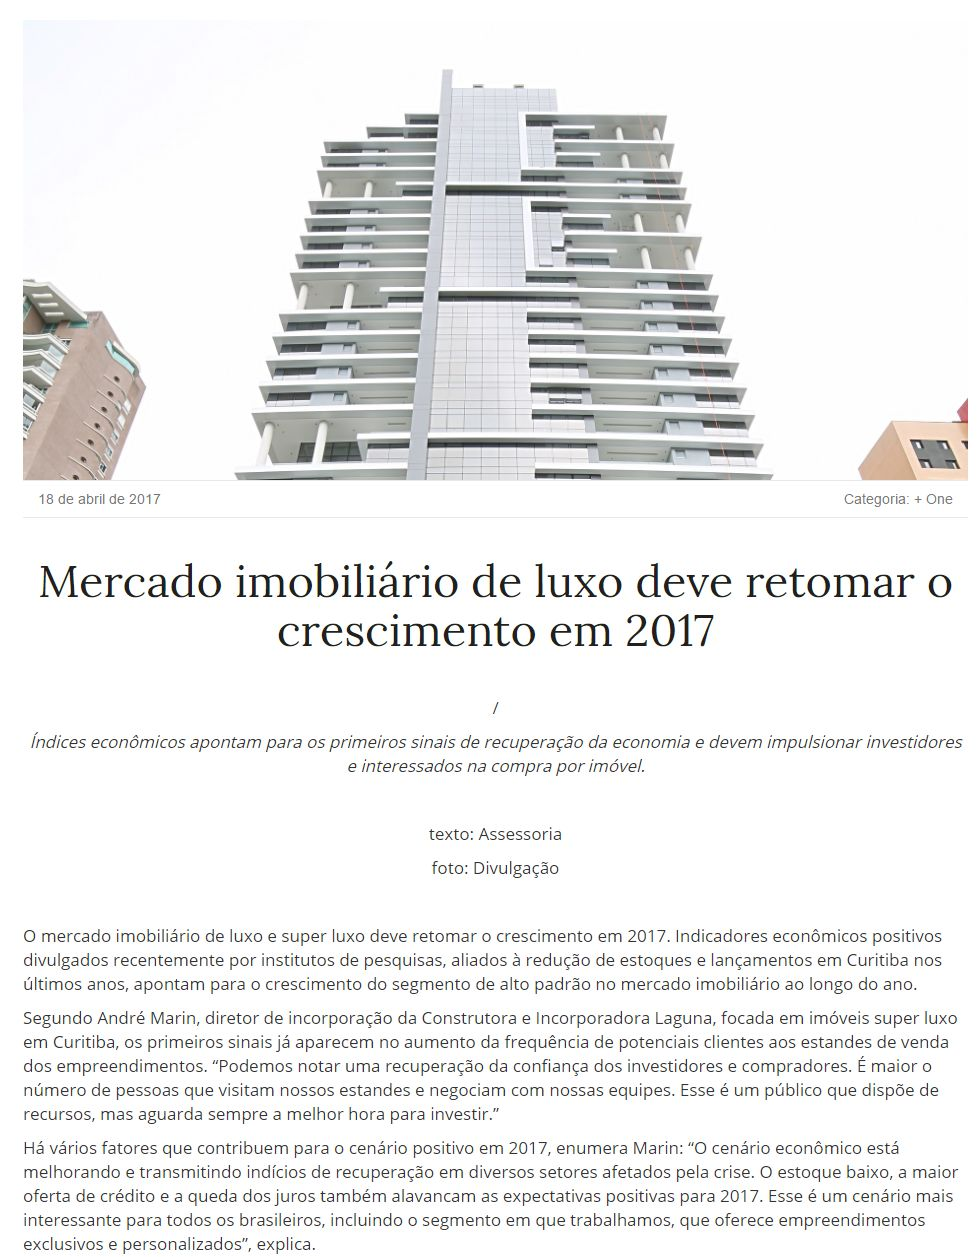 8a716fa49f6 27 ABR 2017 Portal VGV Declaração de Imposto de Renda para imóveis de alto  padrão exige cuidado ...